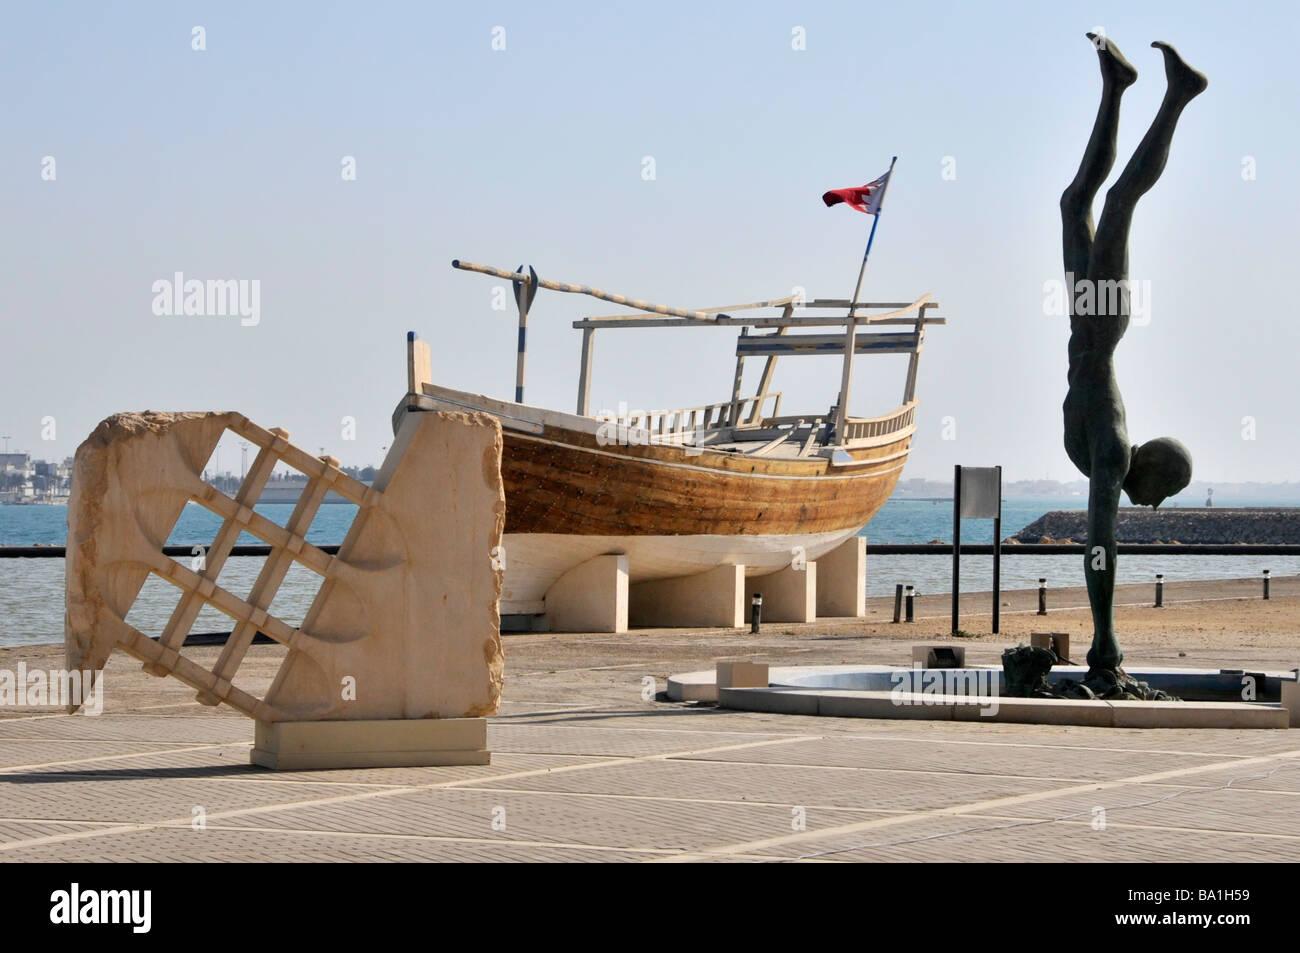 Museo Nacional de Bahrein exposiciones al aire libre incluyendo un dhow y esculturas Imagen De Stock